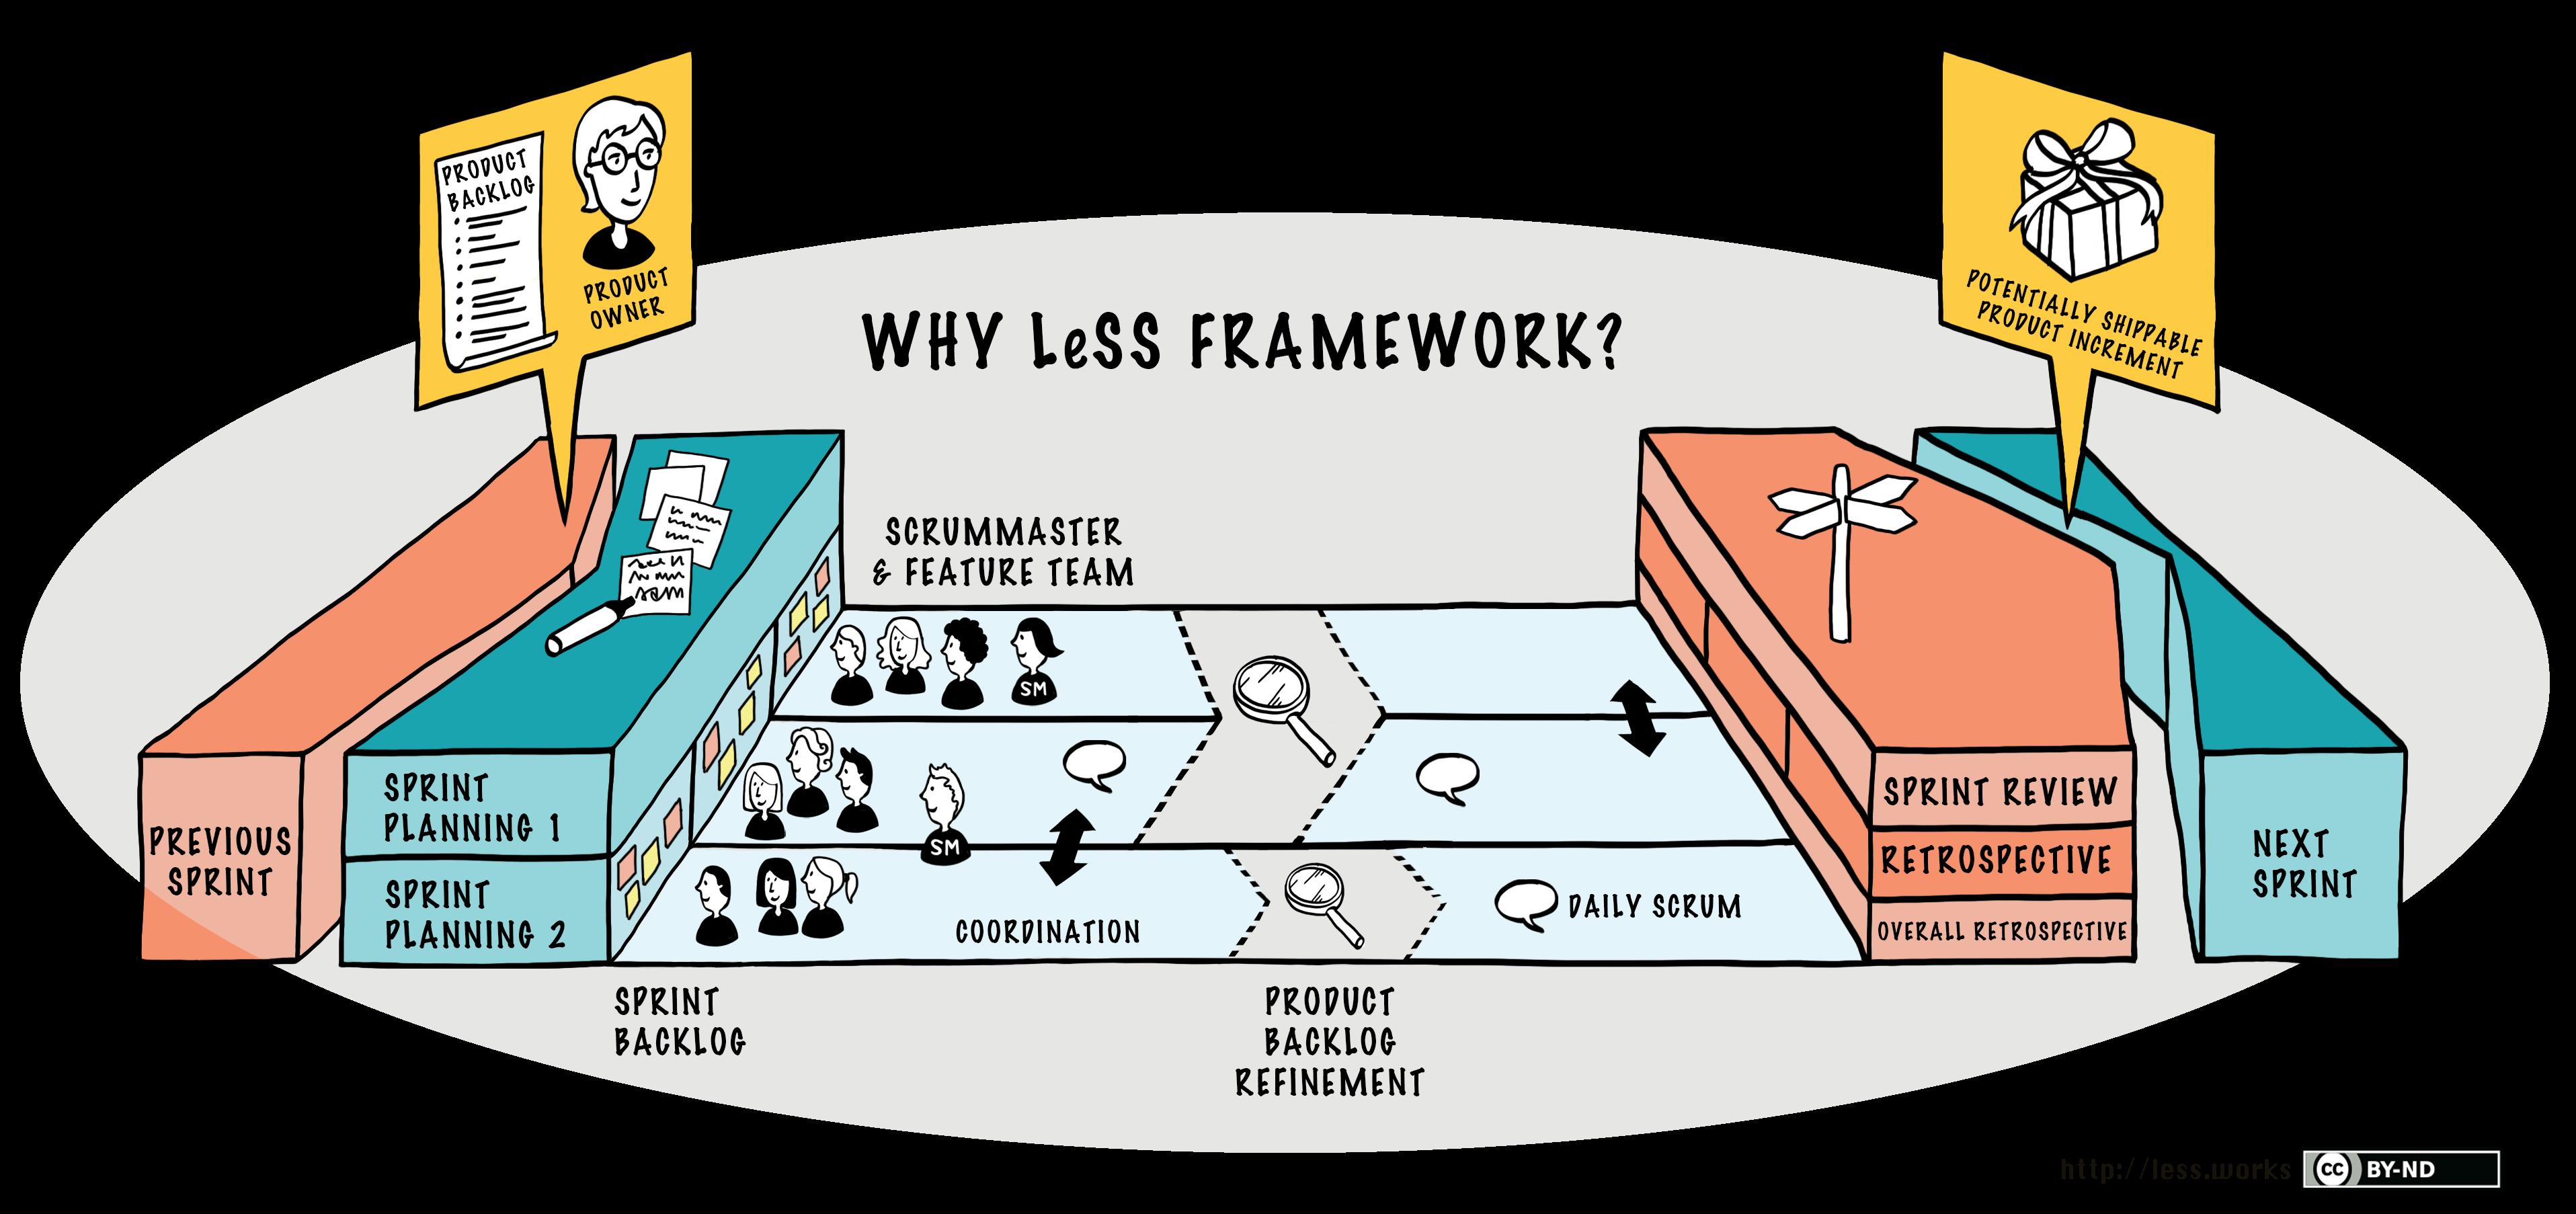 Ilustracja przedstawiająca, dlaczego powinno być mniej ram postępowania